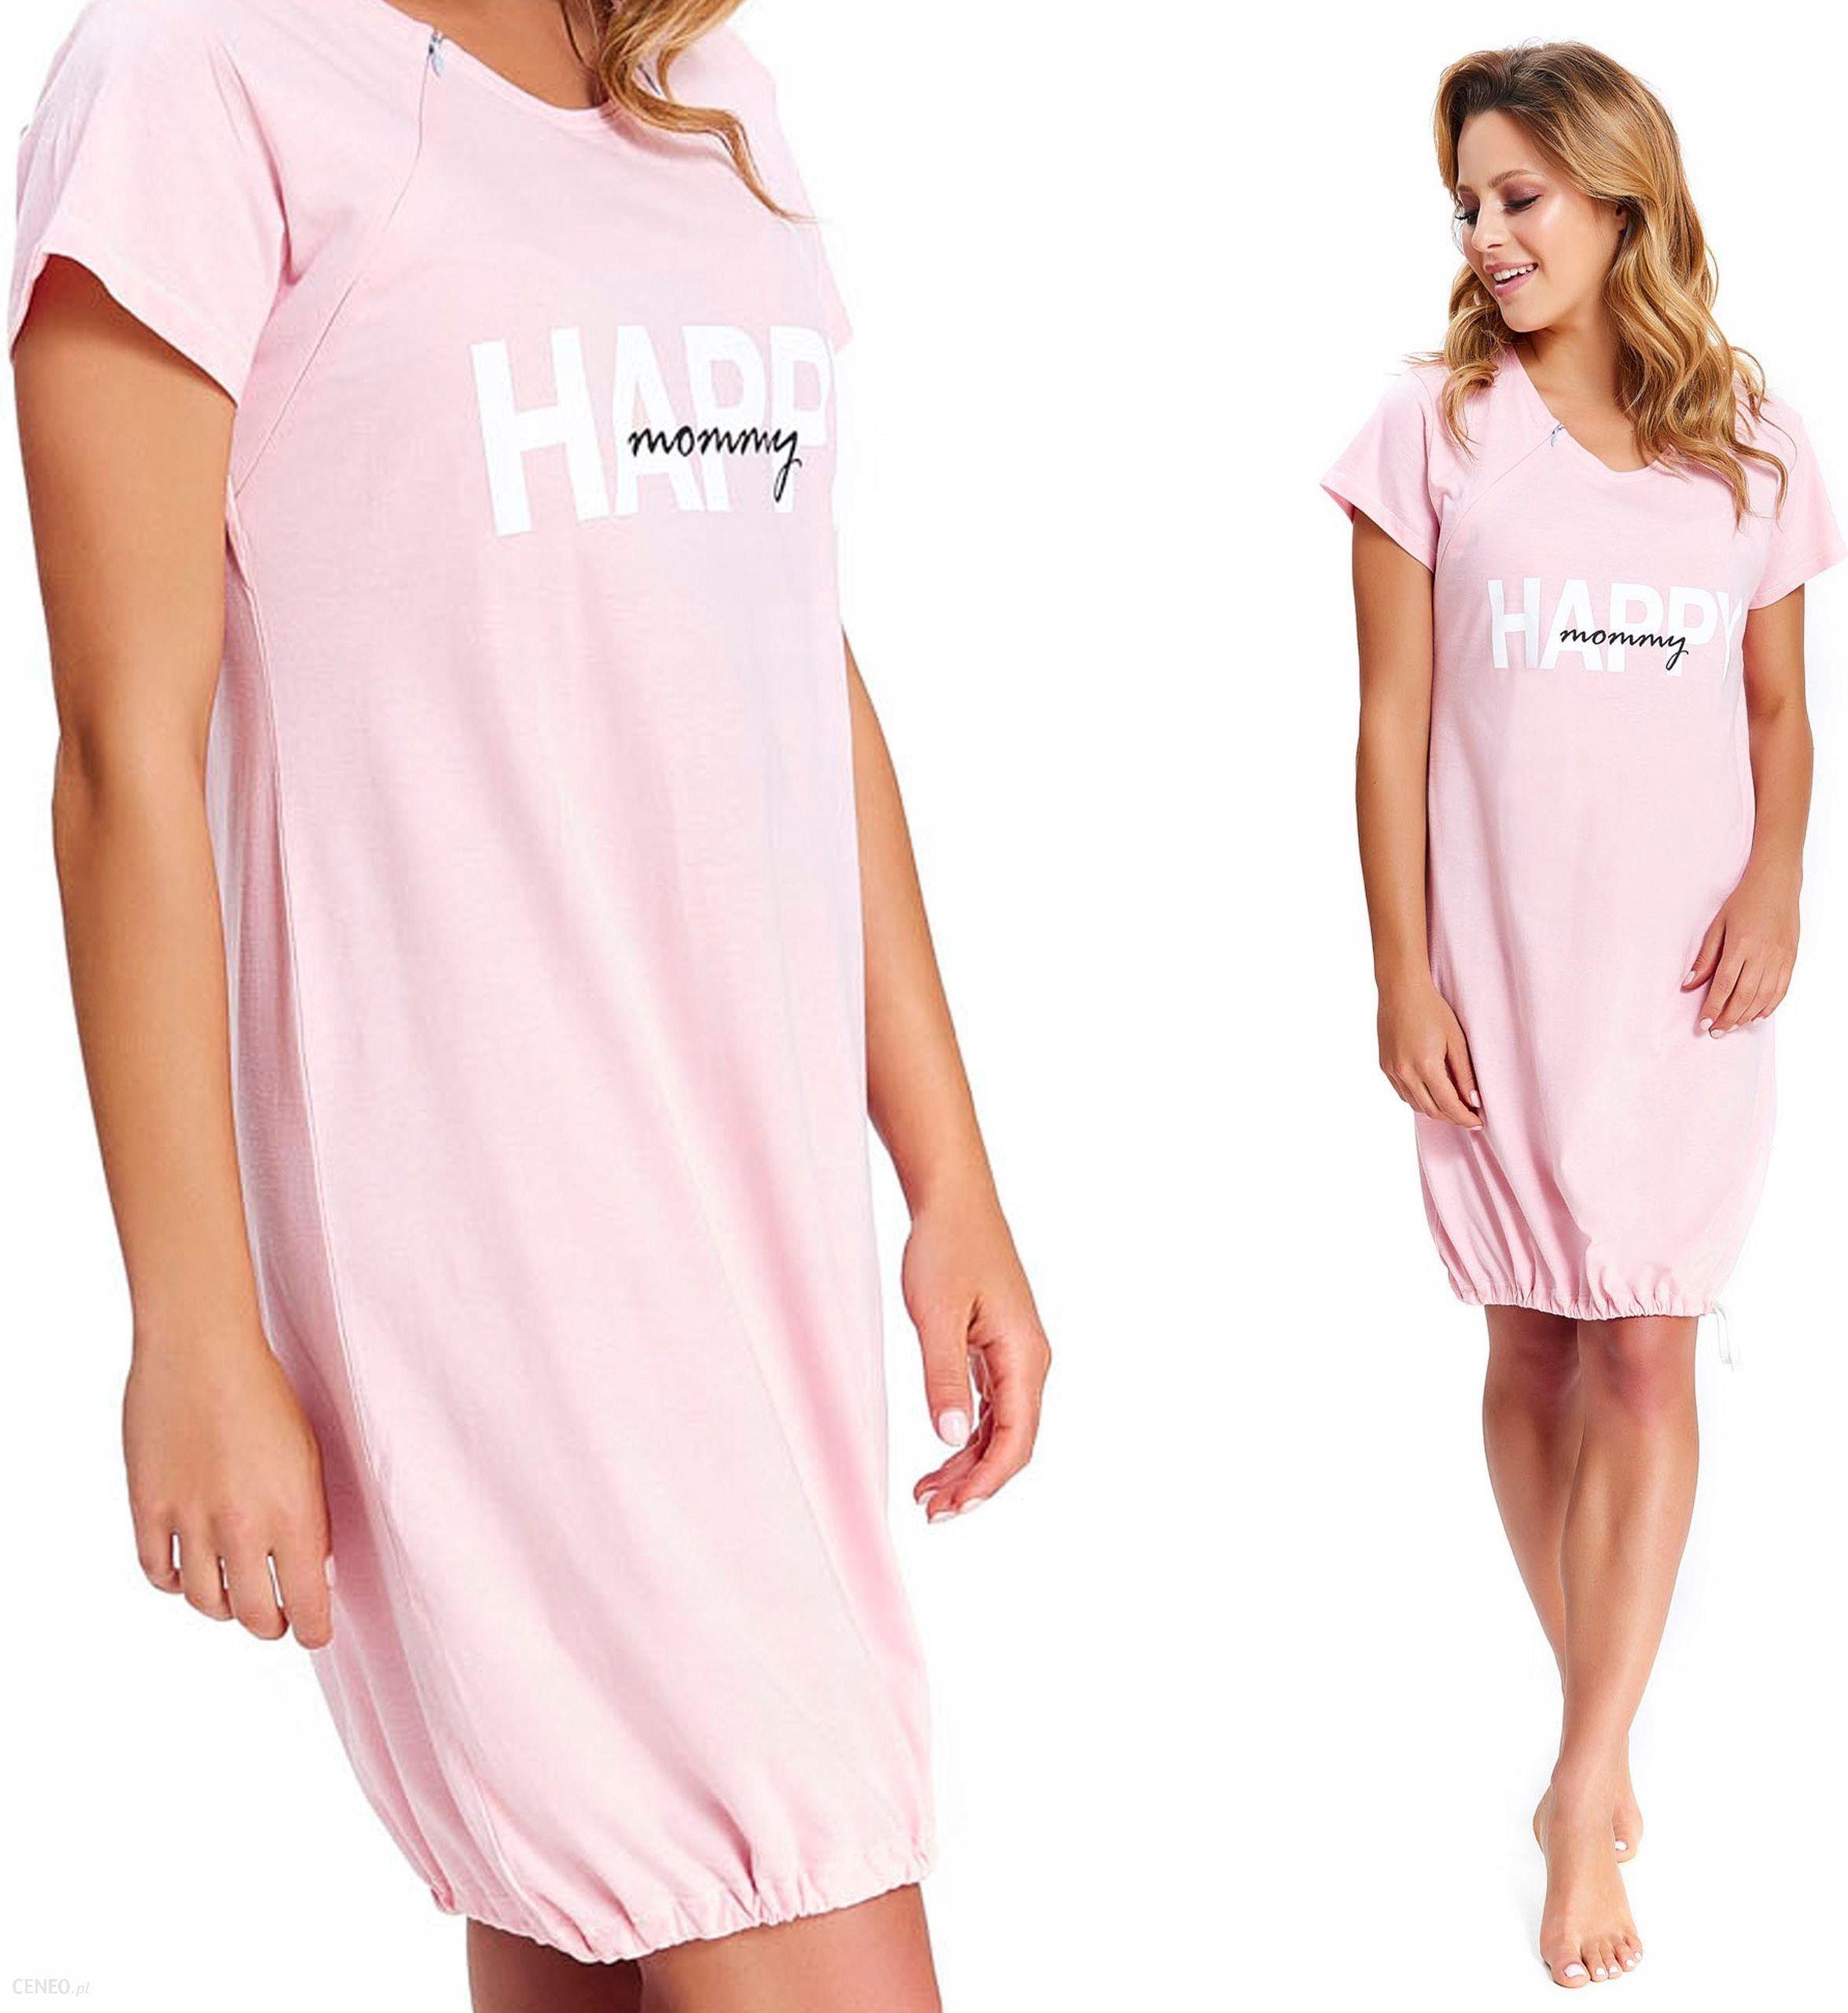 0f26a07c28f359 Tcb 9504 Doctor Nap koszula nocna ciążowa w napisy - Ceny i opinie ...